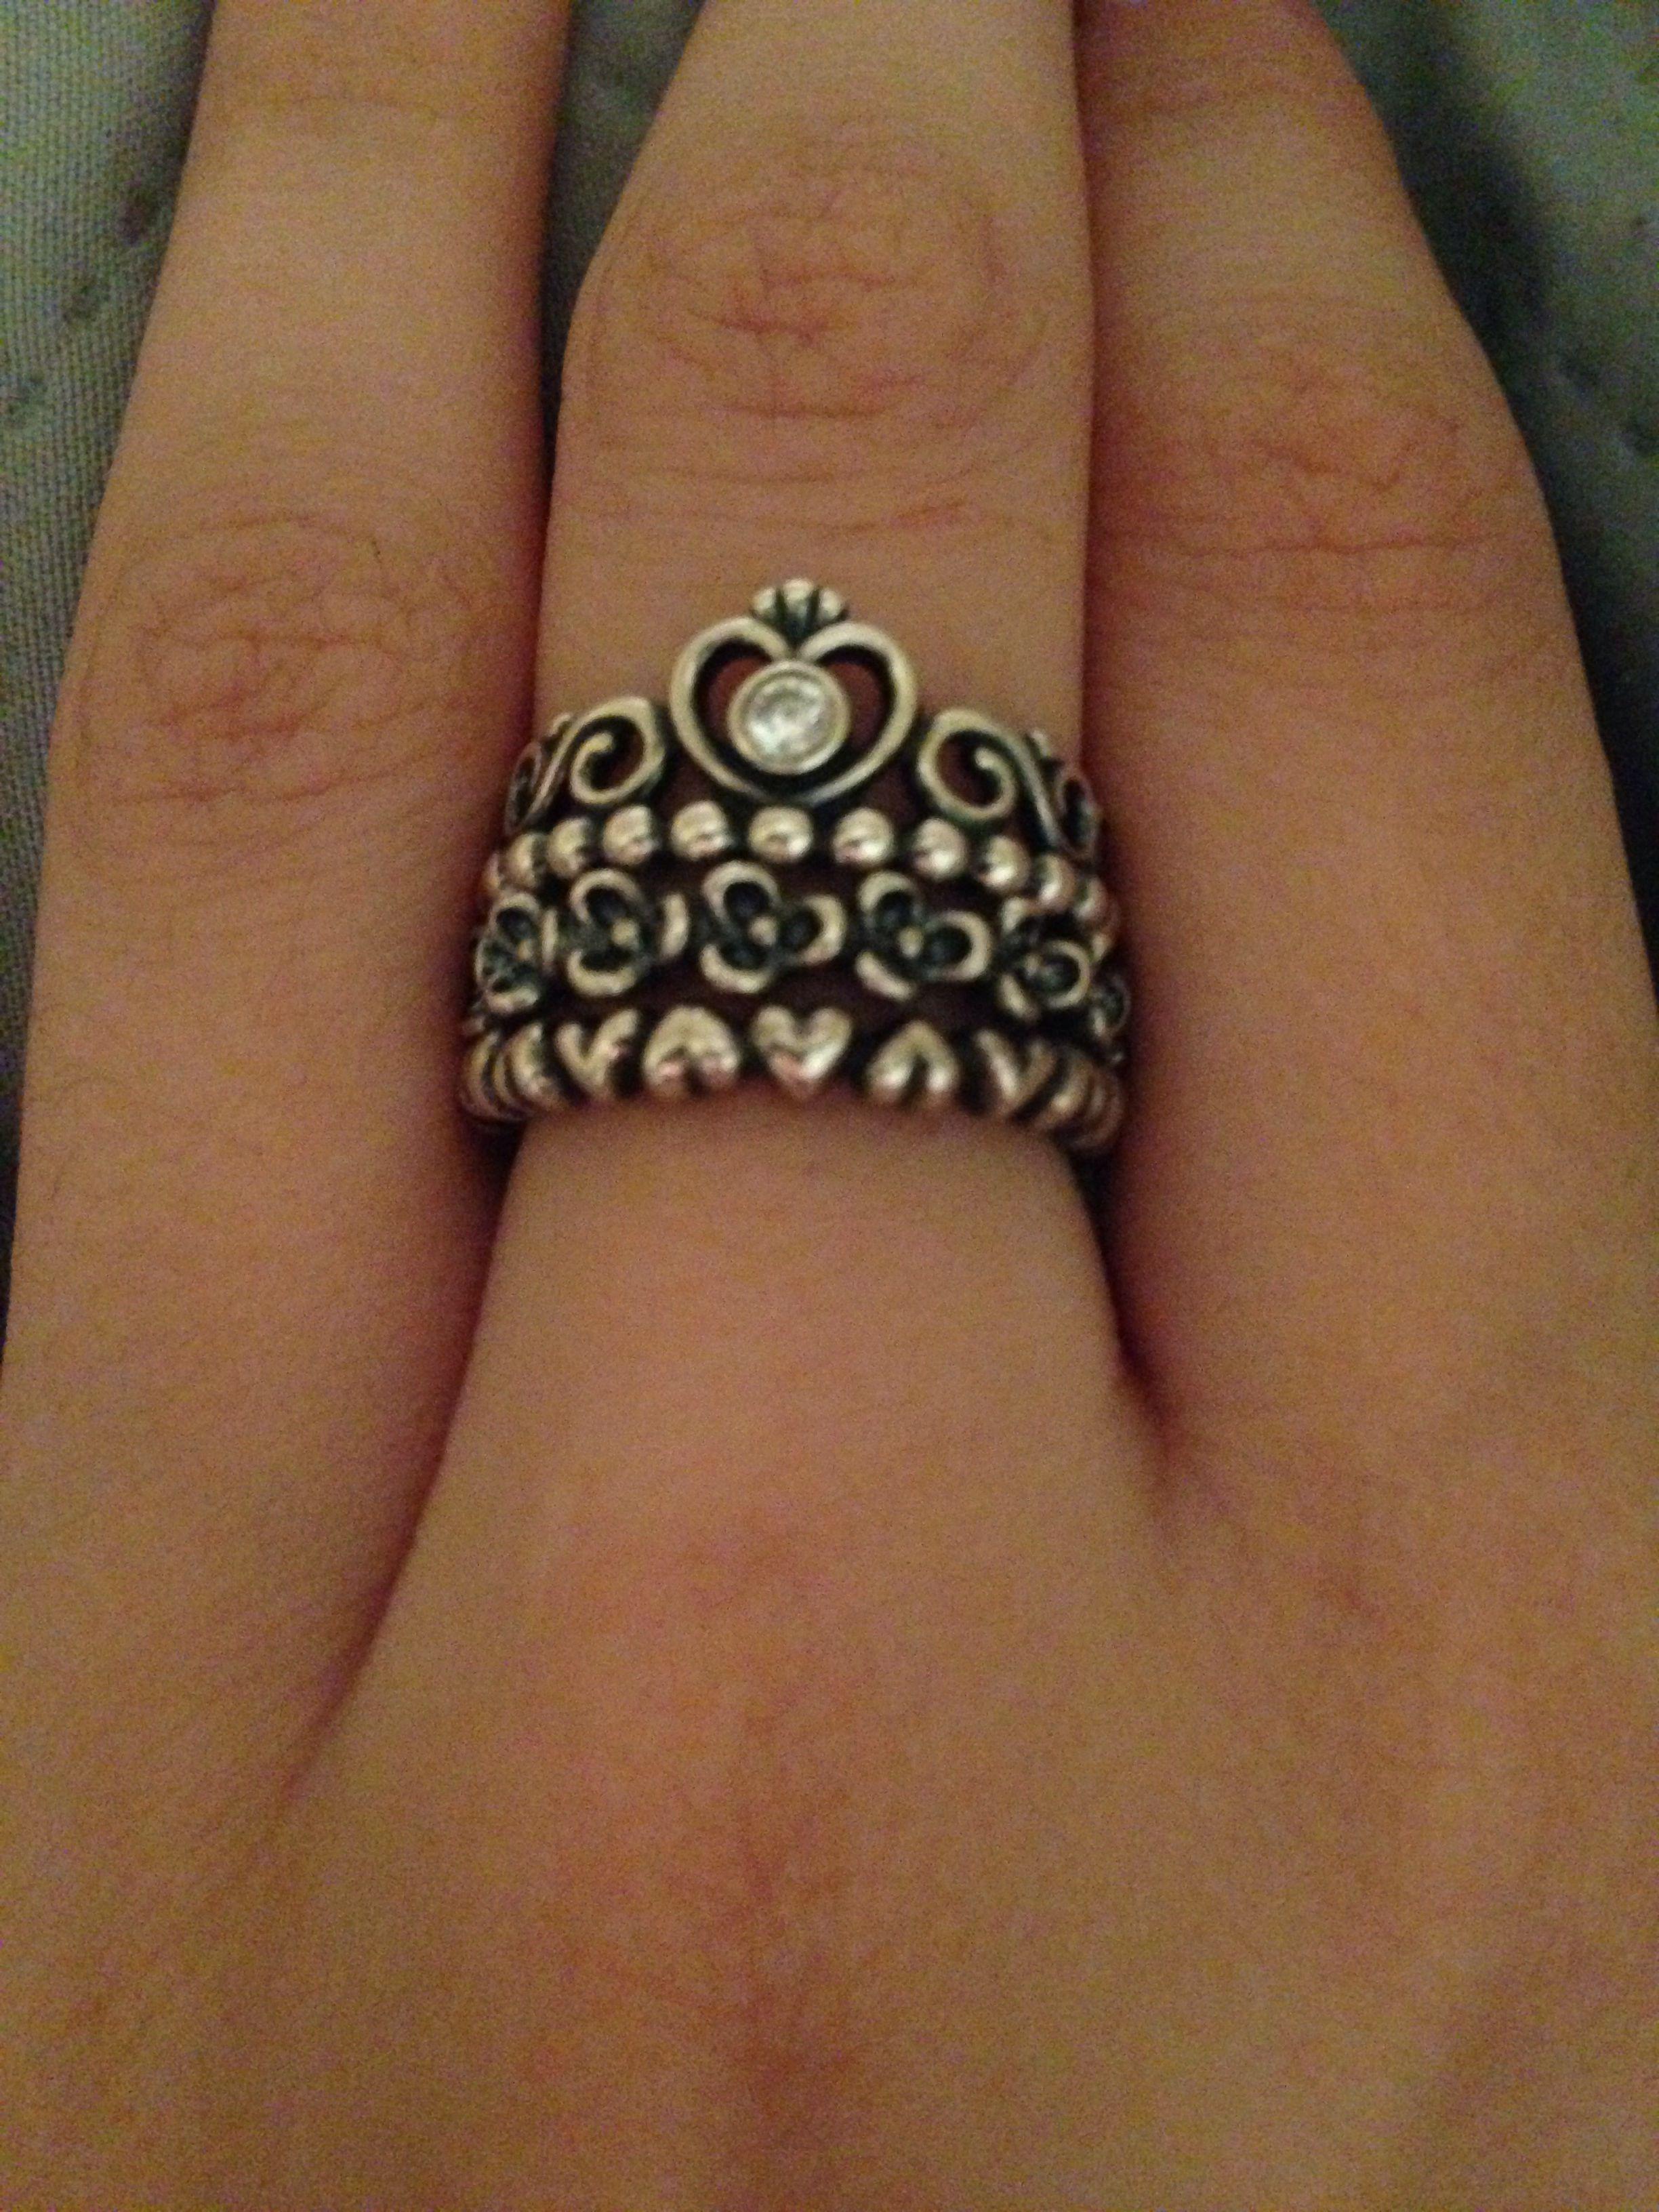 Stackable Pandora Rings Quot My Princess Quot Quot Floral Elegance Quot Quot Forever Love